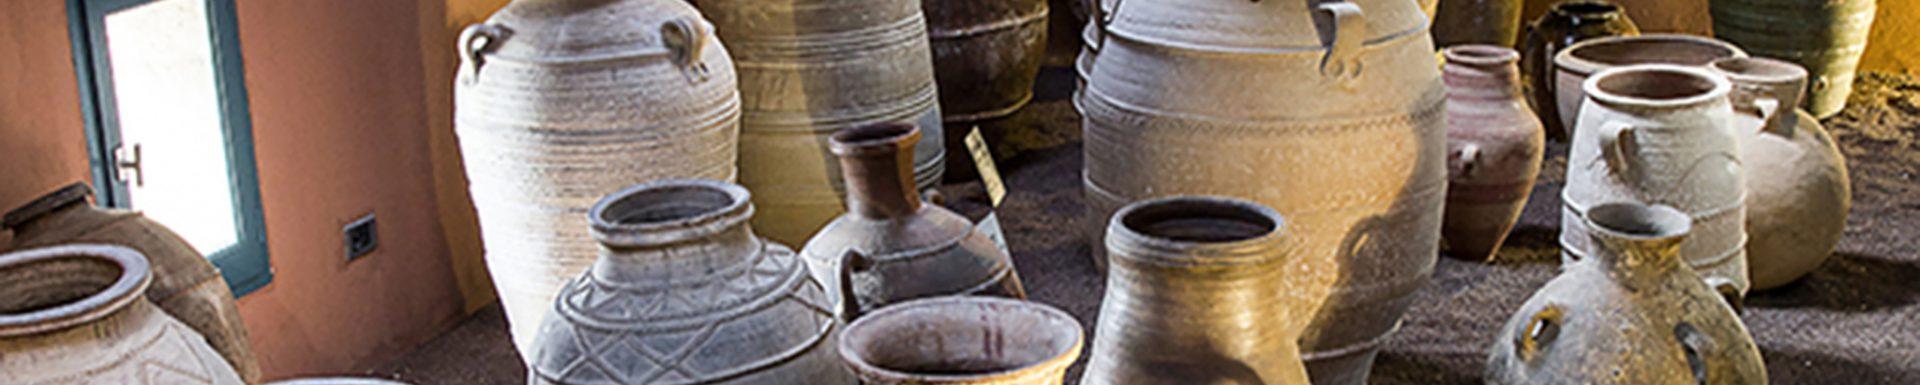 Musée de Saint Quentin la poterie - © Christine Refalo